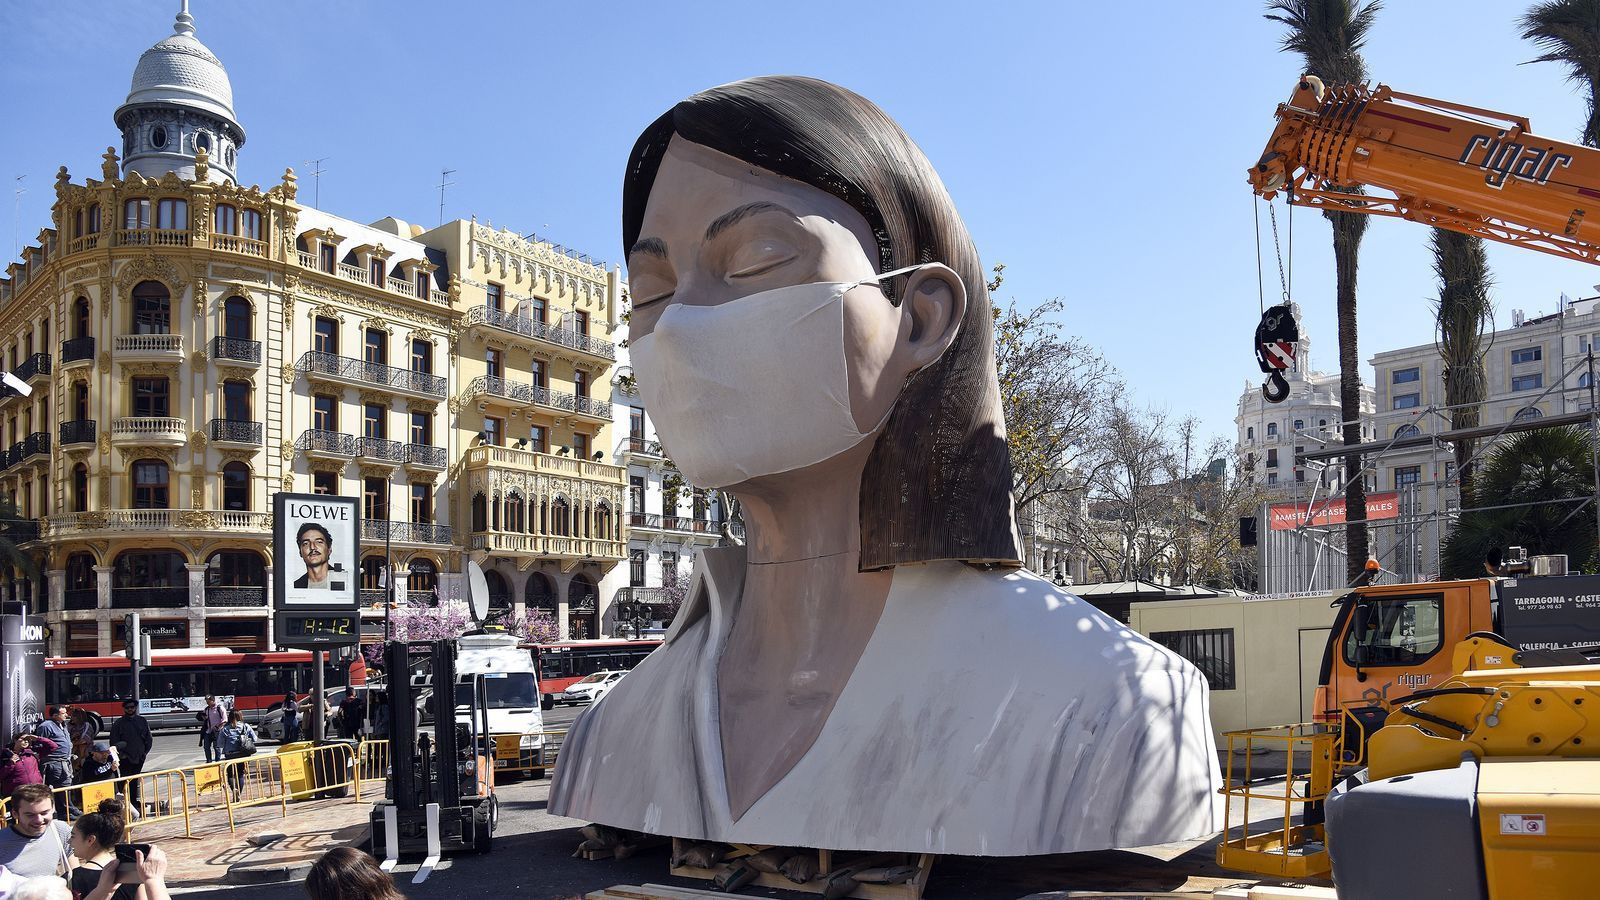 la figura principal del monument de la plaça de l'Ajuntament de València amb una màscara, després de l'ajornament de les Falles a causa de l'epidèmia de coronavirus